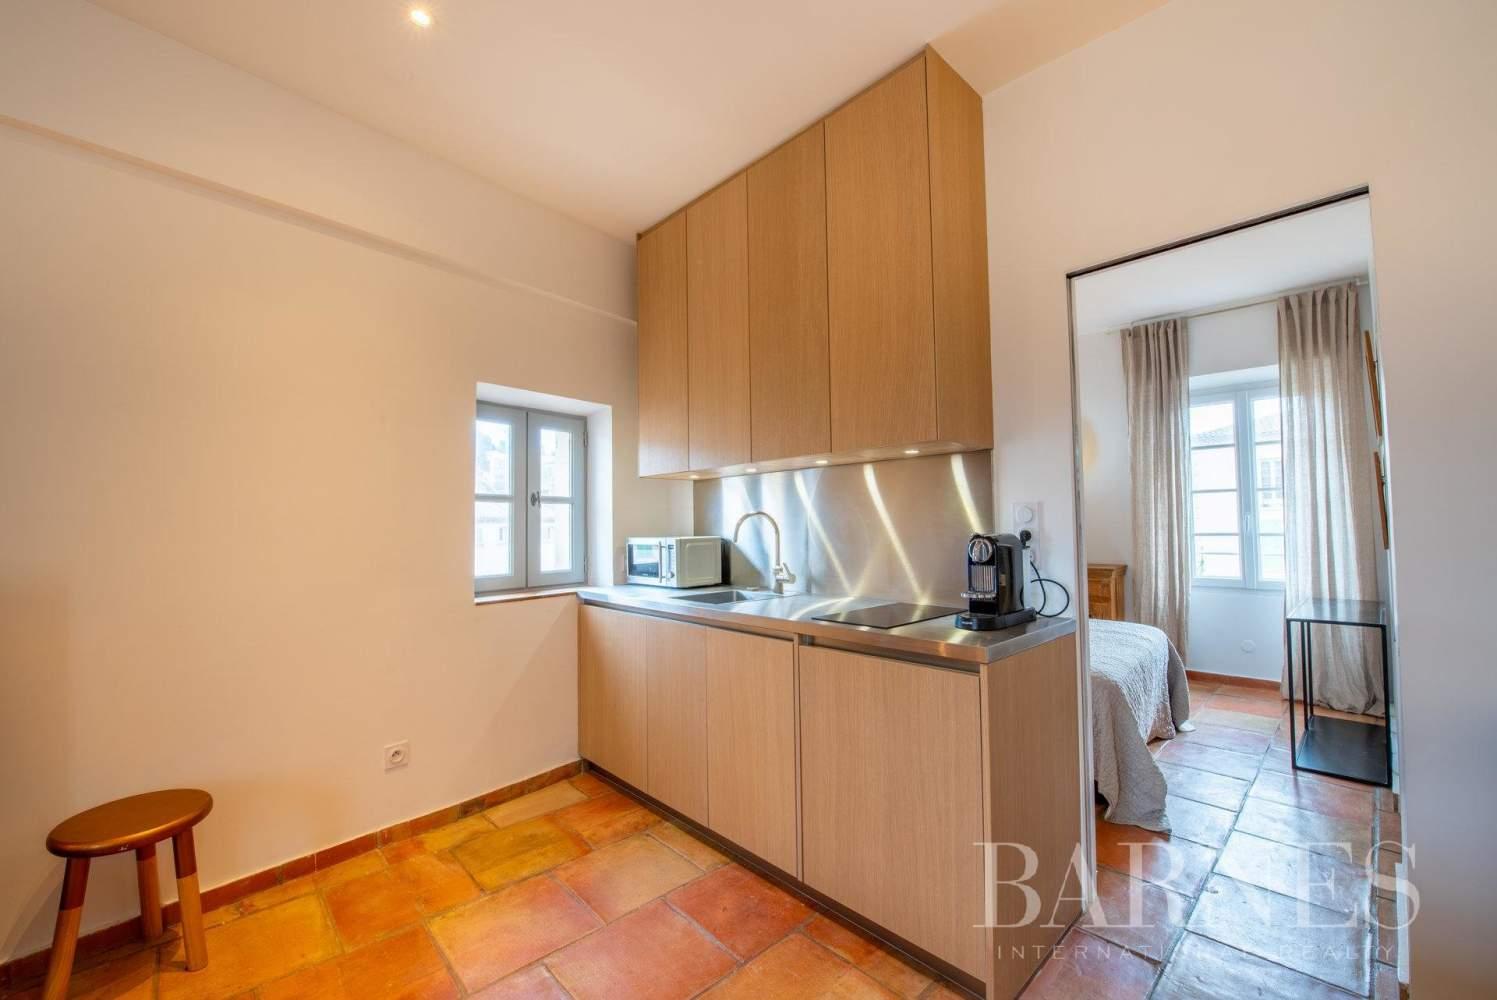 Saint-Tropez  - Appartement  2 Chambres - picture 8